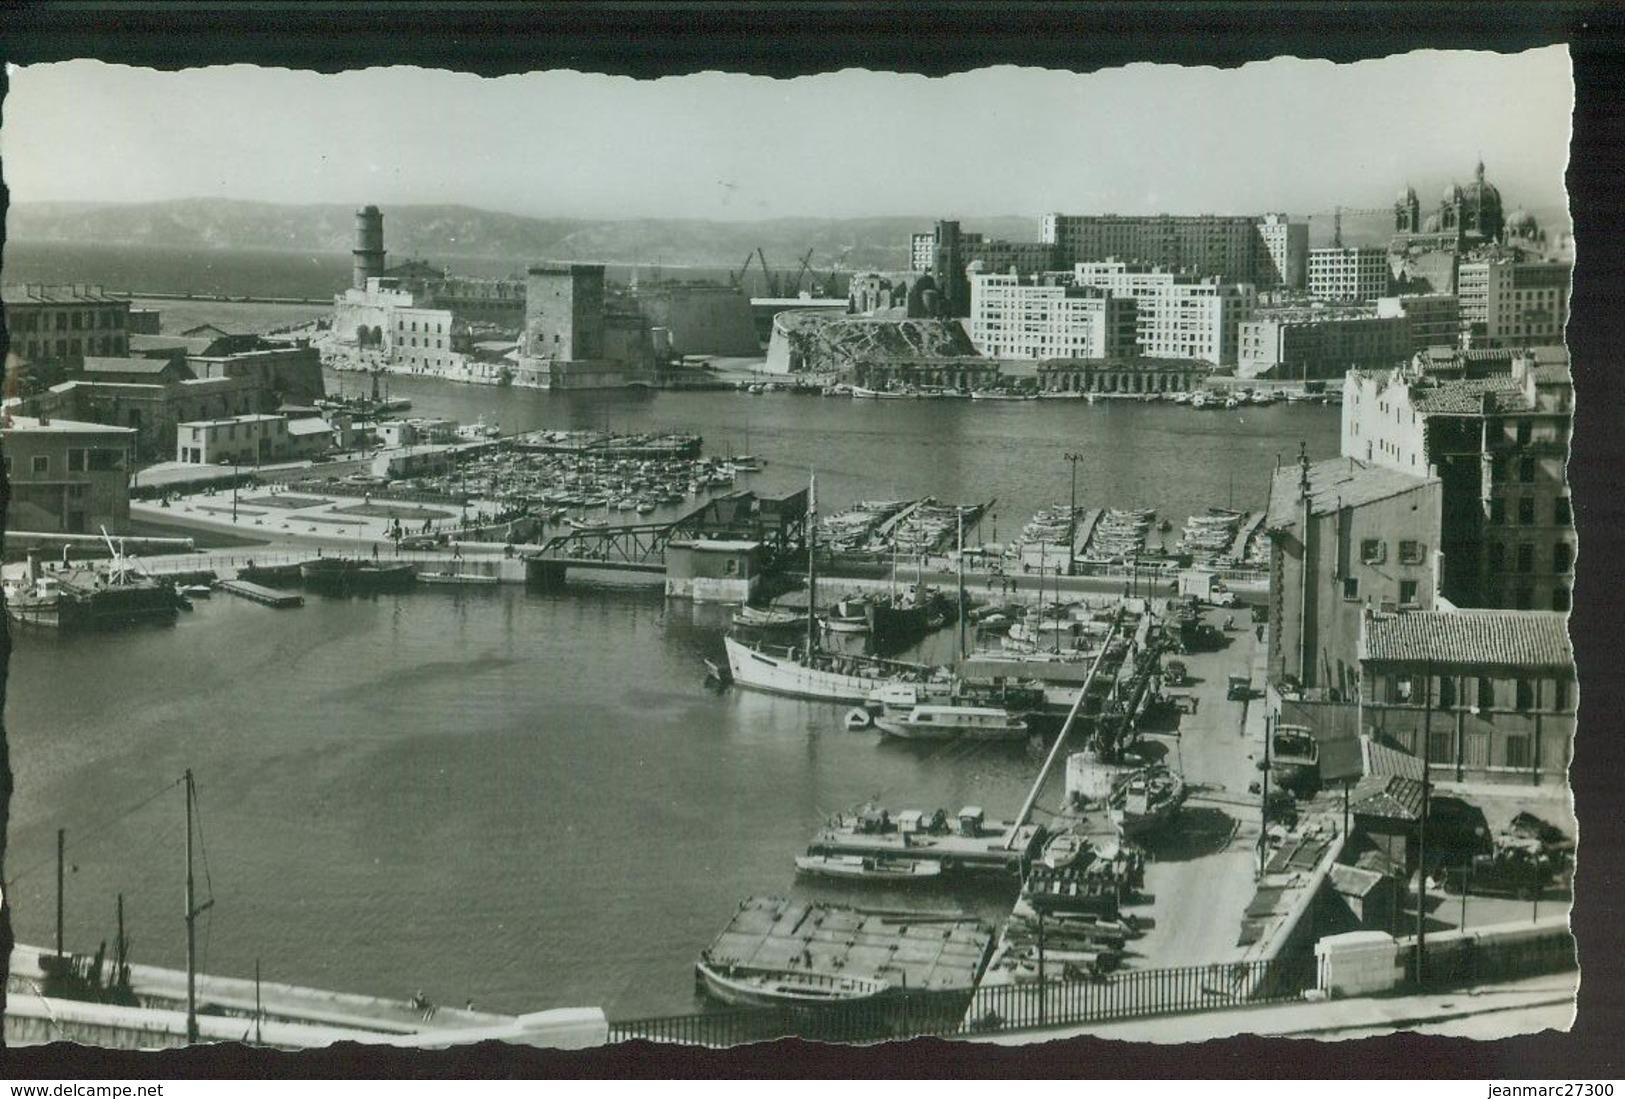 13 Marseille Port St Jean 1089 - Joliette, Port Area